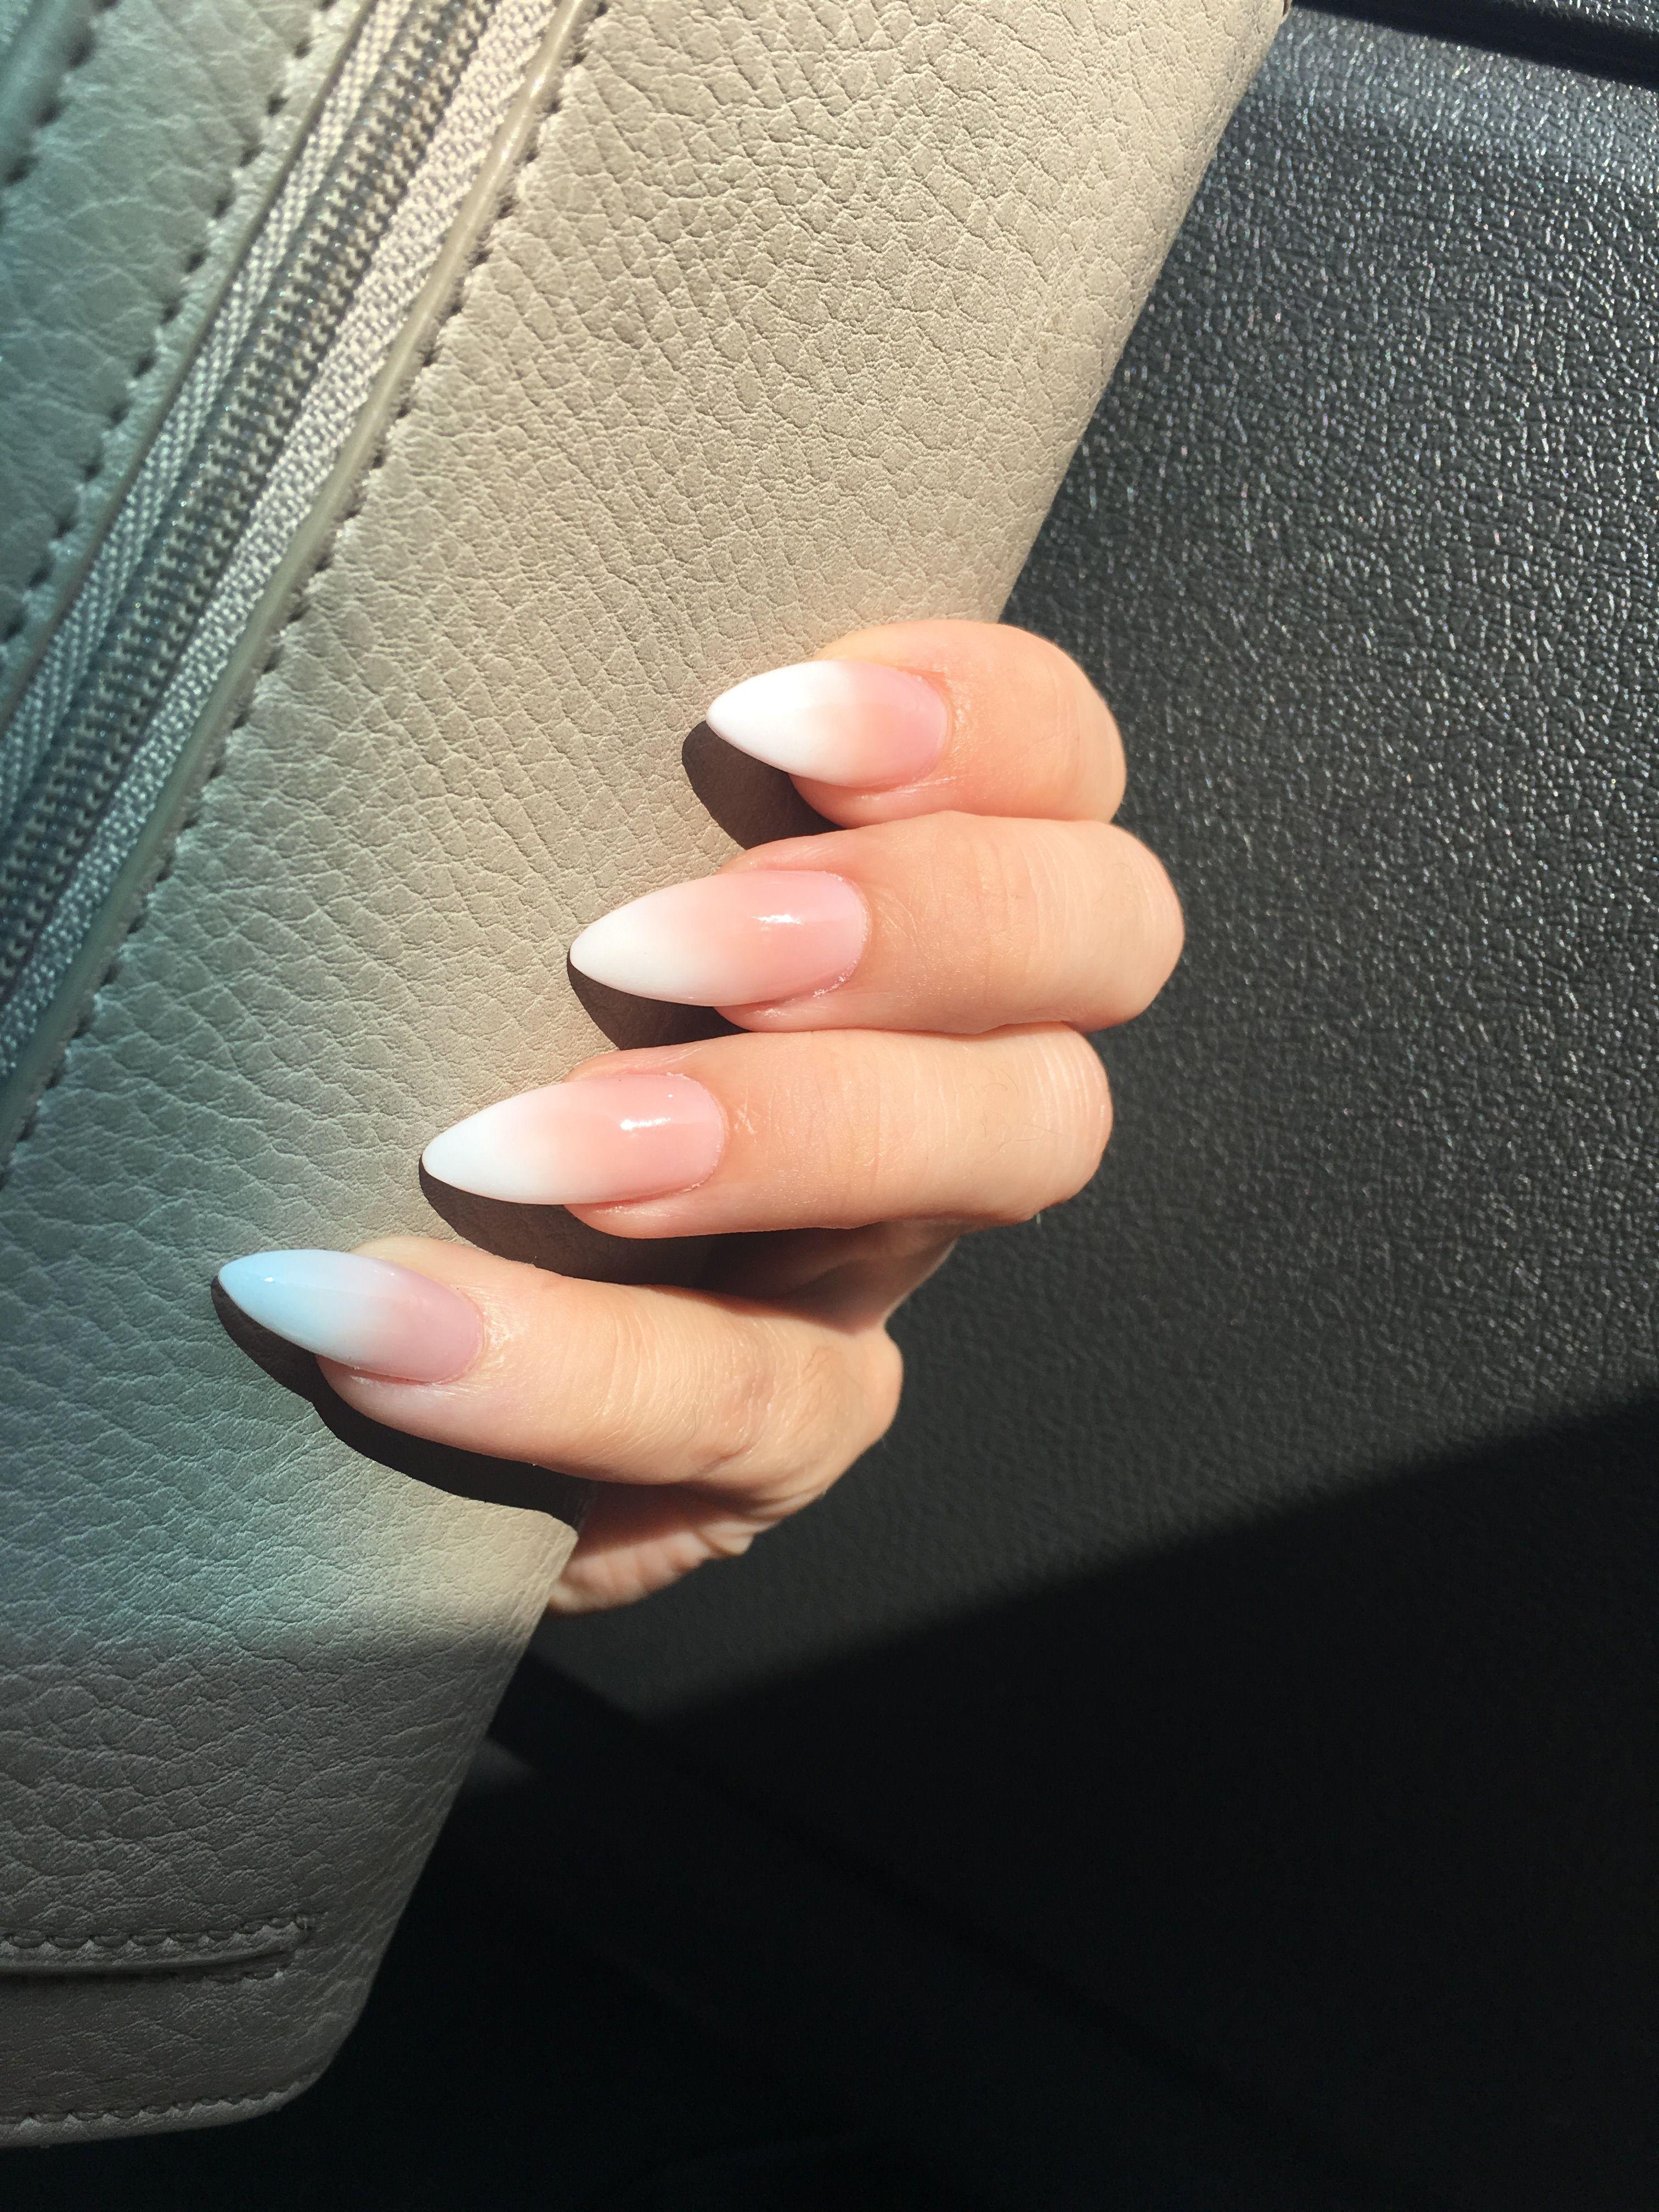 Nails Nails Acrylicnails Ombre Almondnails Stilettonails Frenchmanicure White Tip Nails Almond Acrylic Nails Almond Nails Designs